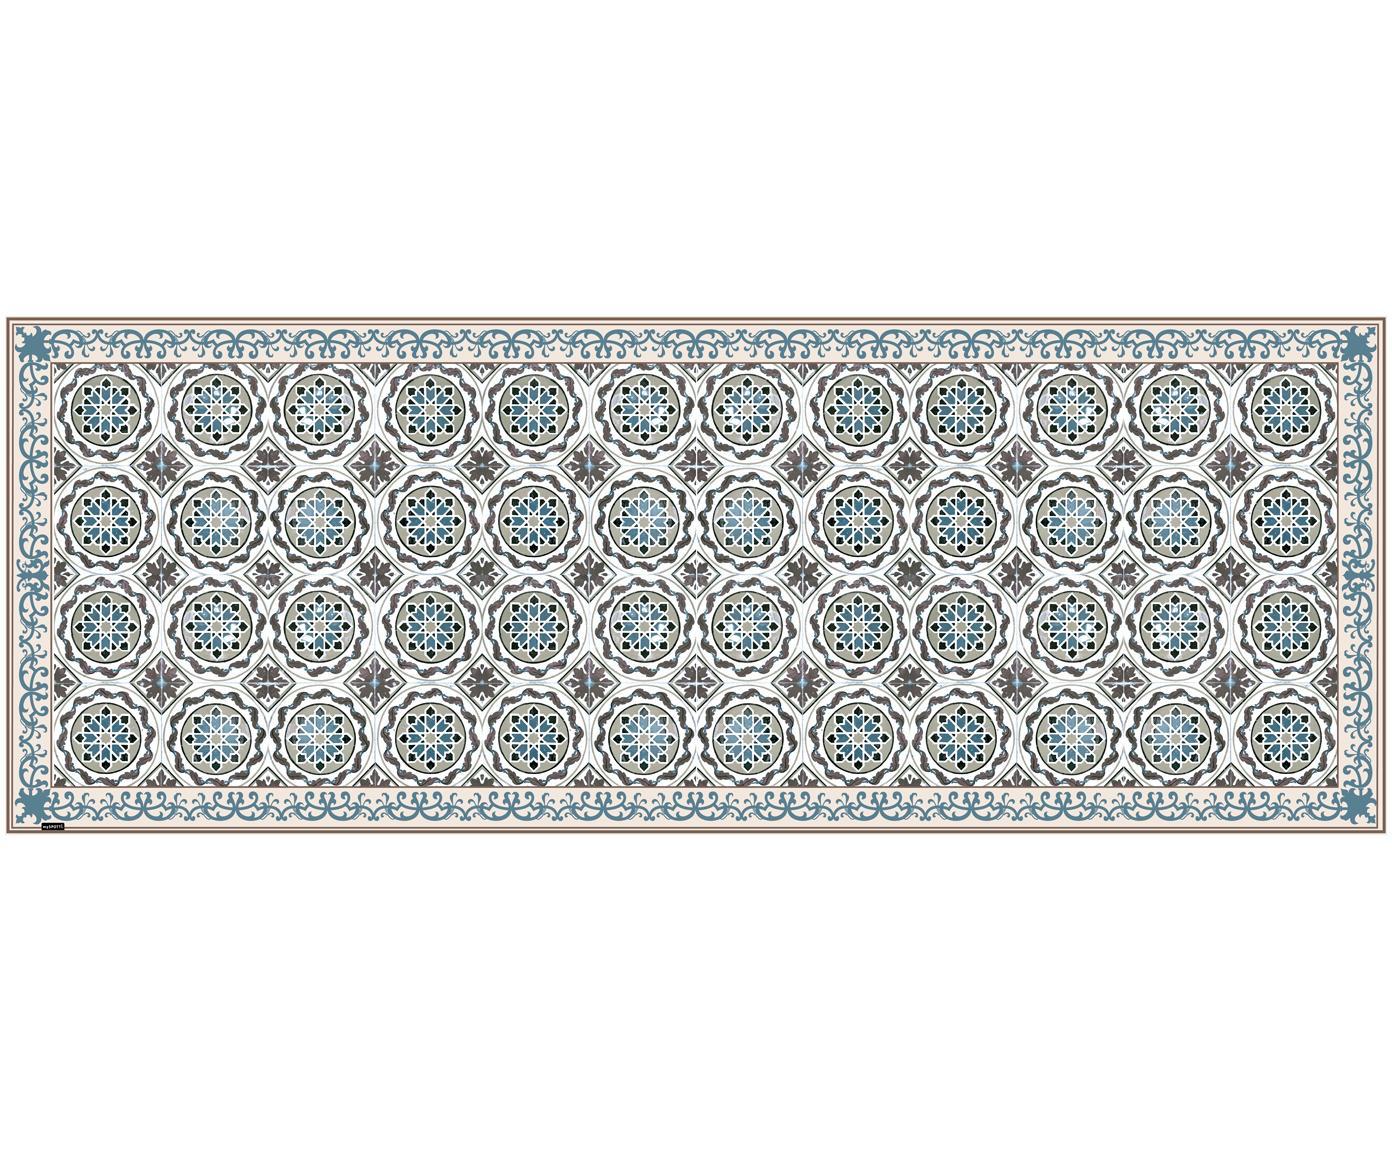 Vinyl vloermat Selina, Recyclebaar vinyl, Beige, bruin, blauw, 68 x 180 cm